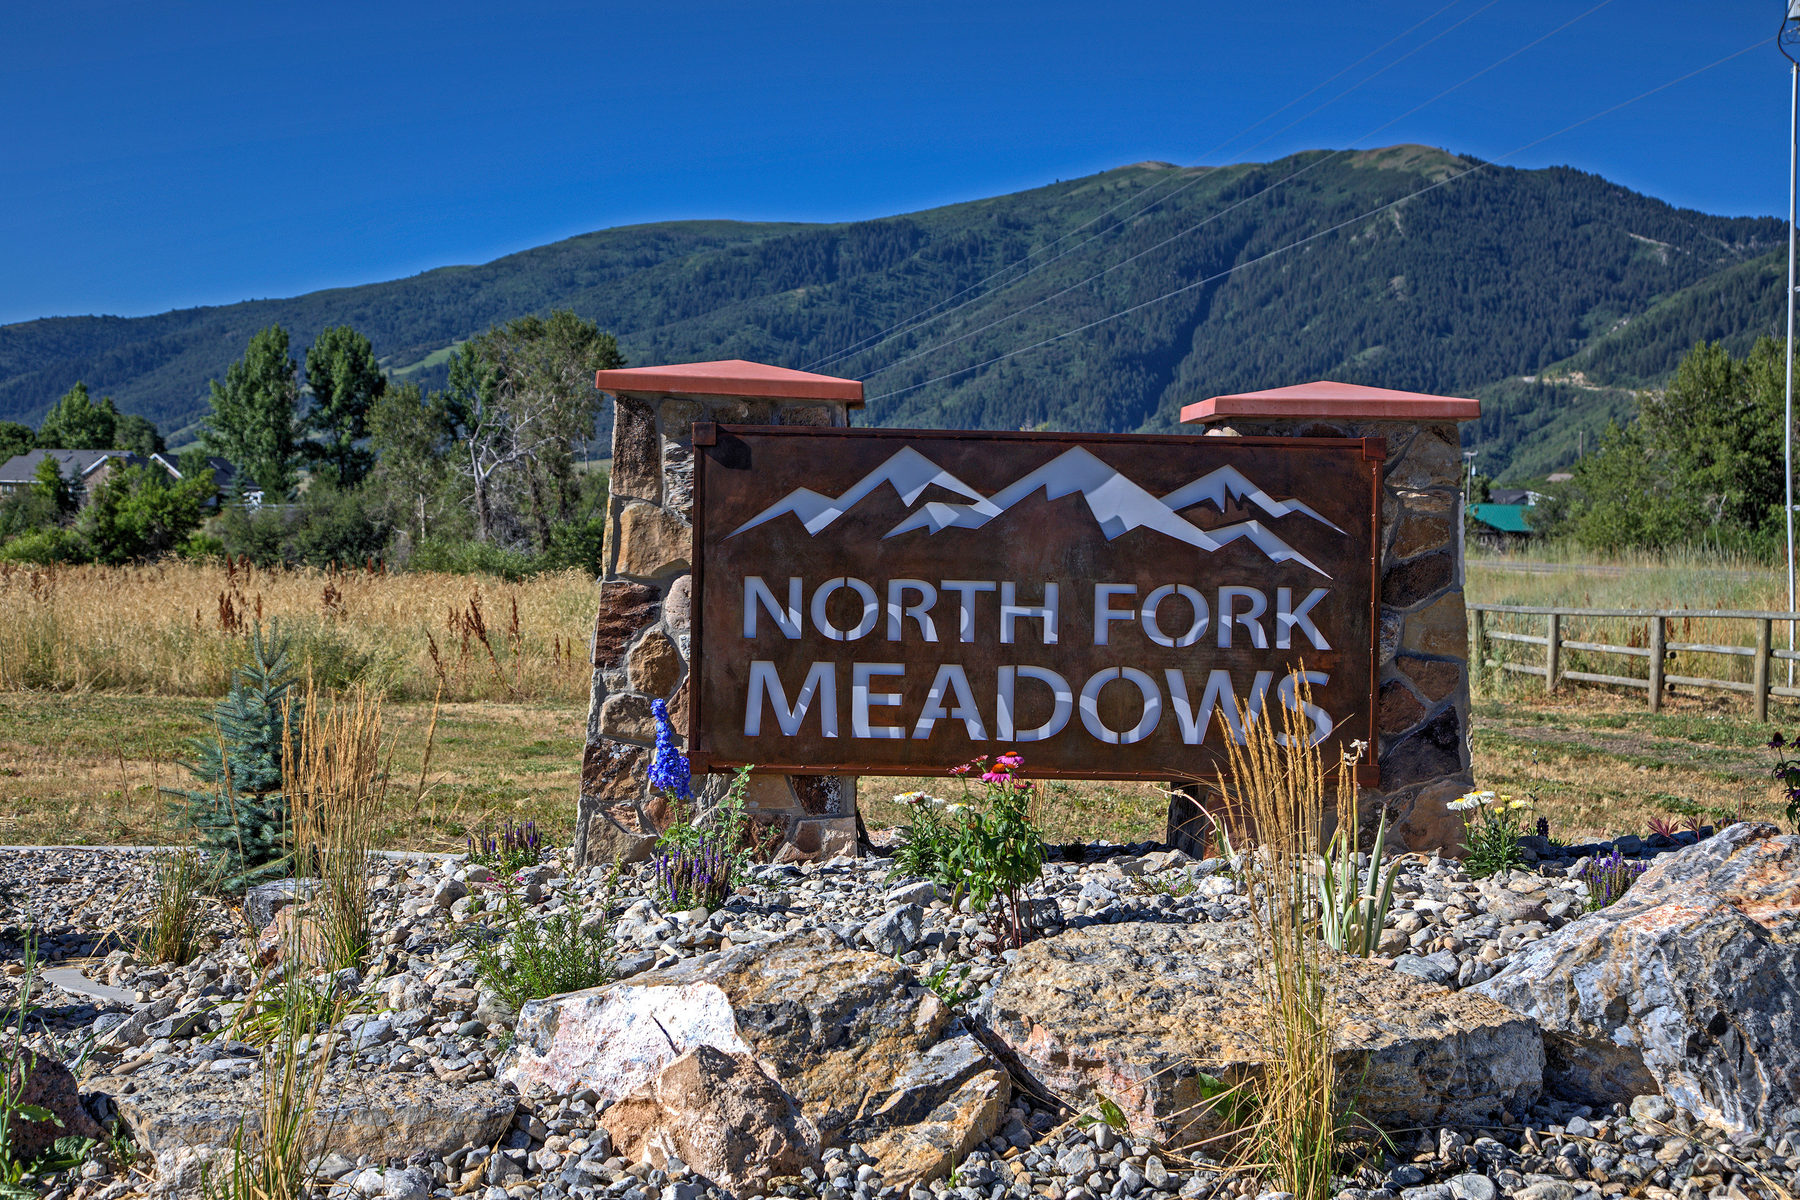 Terreno por un Venta en Build Your Dream Home in Eden Utah 3247 East 5225 North Lot 7 Eden, Utah, 84310 Estados Unidos